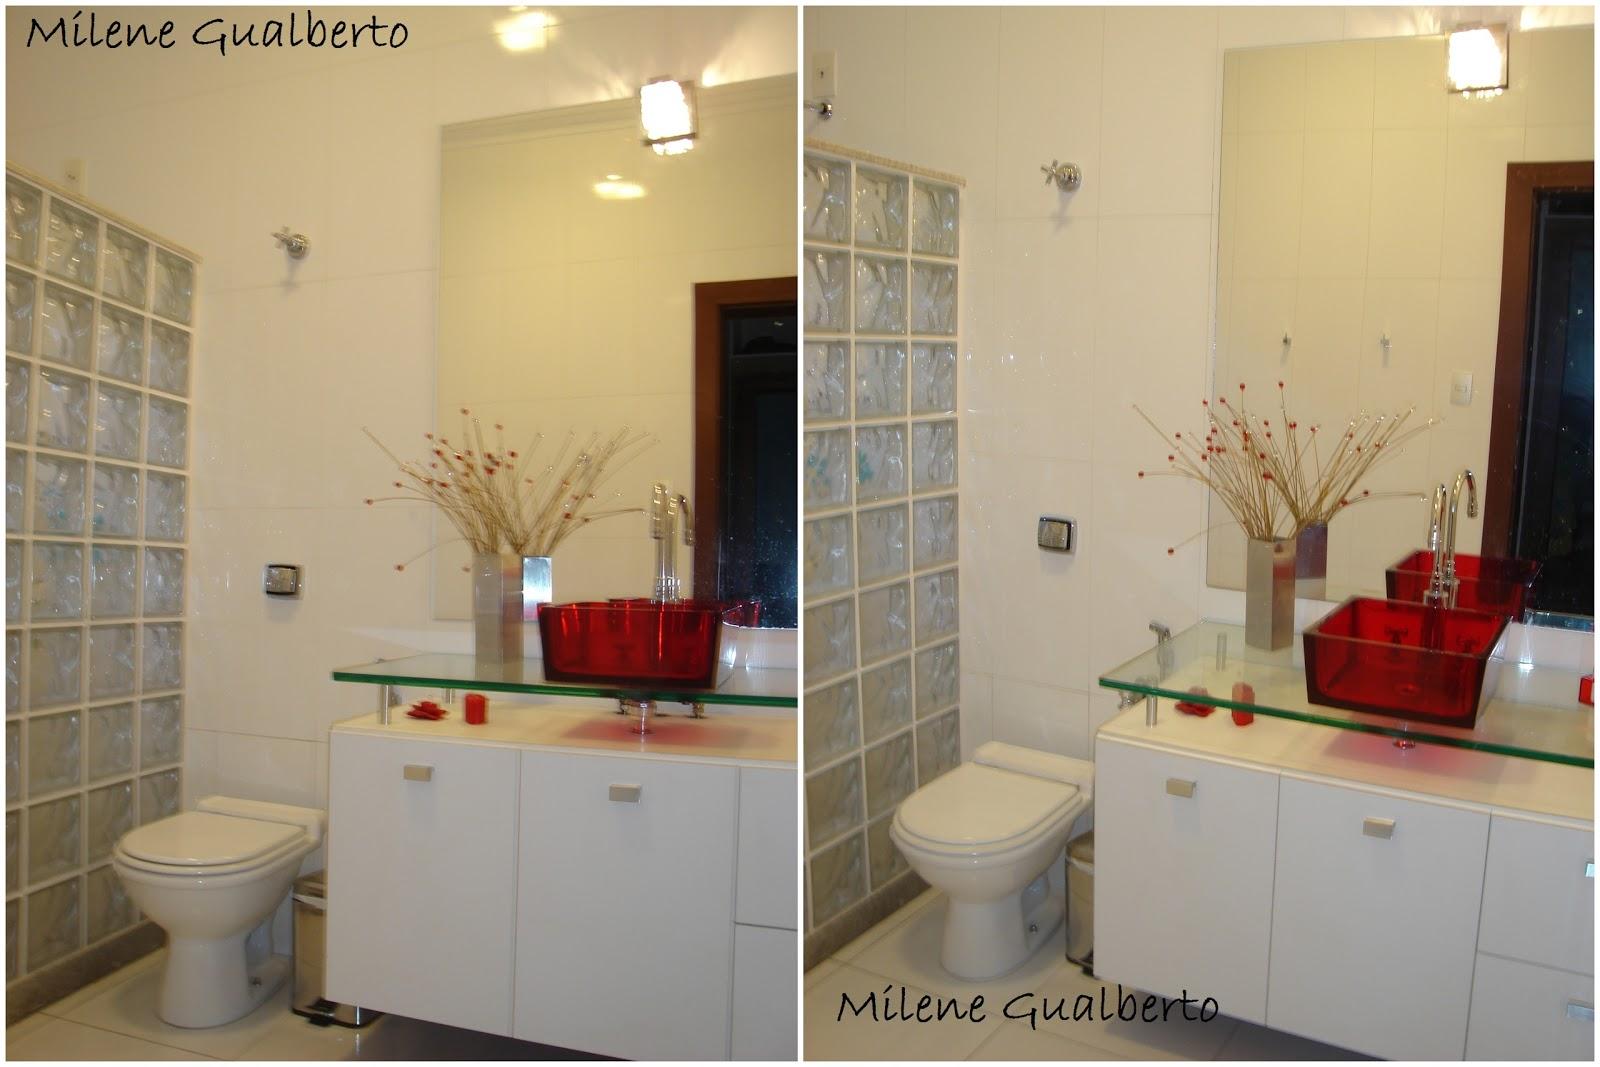 Milene Gualberto: Projetos Residenciais Banheiro com Cuba Vermelha #6B2D21 1600x1067 Armario De Banheiro Com Cuba